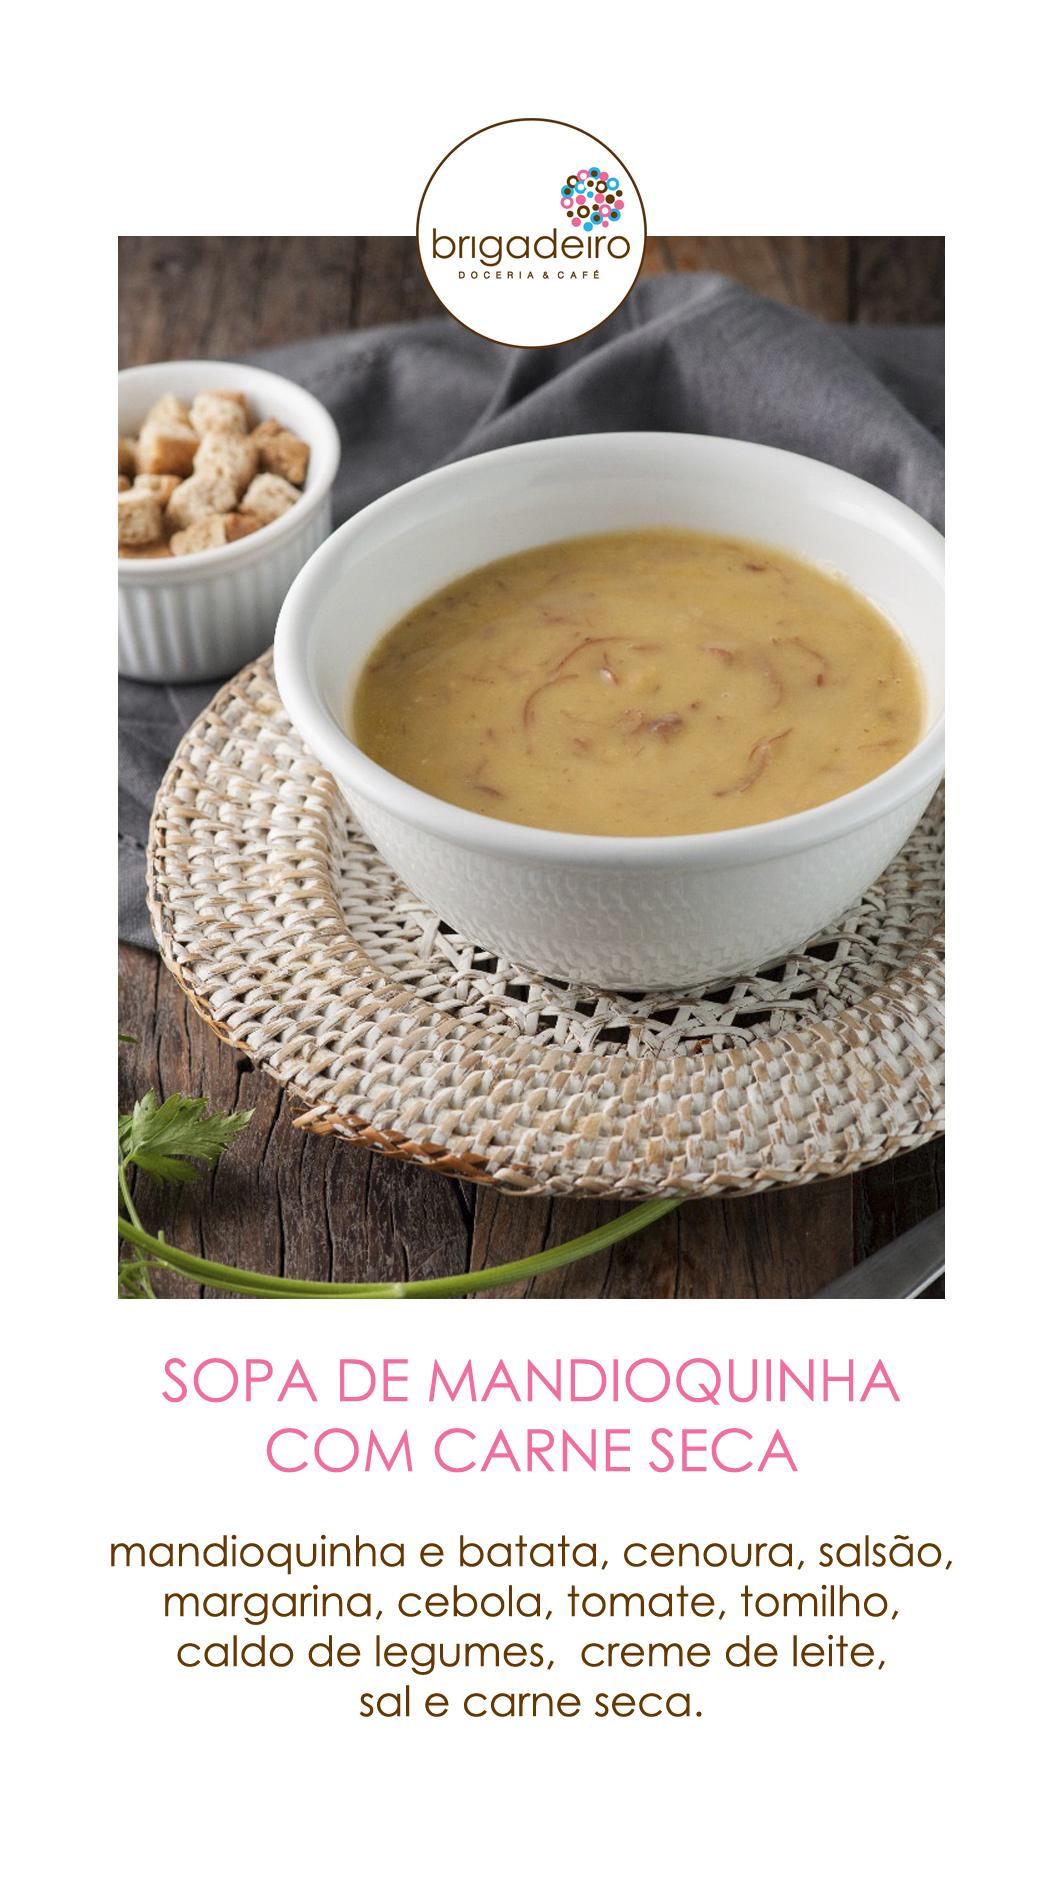 SOPA MANDIOQUINHA COM CARNE SECA